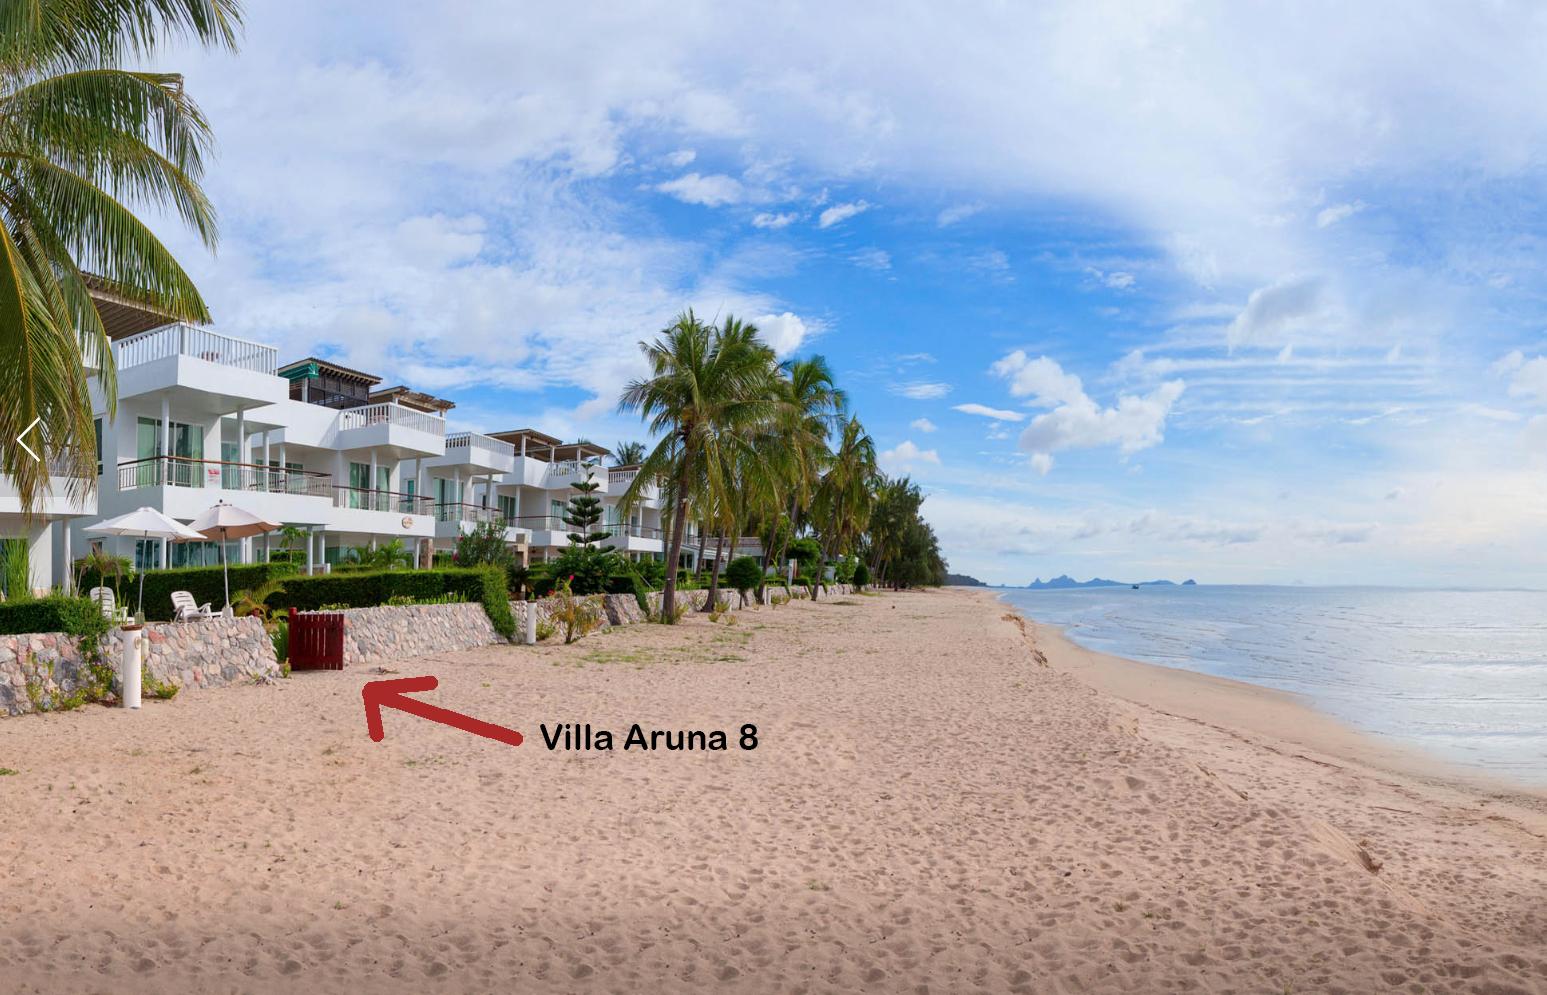 Här ligger strandhuset. Ingång från stranden där ni kan se den röda trägrinden. Bara några steg från havet.